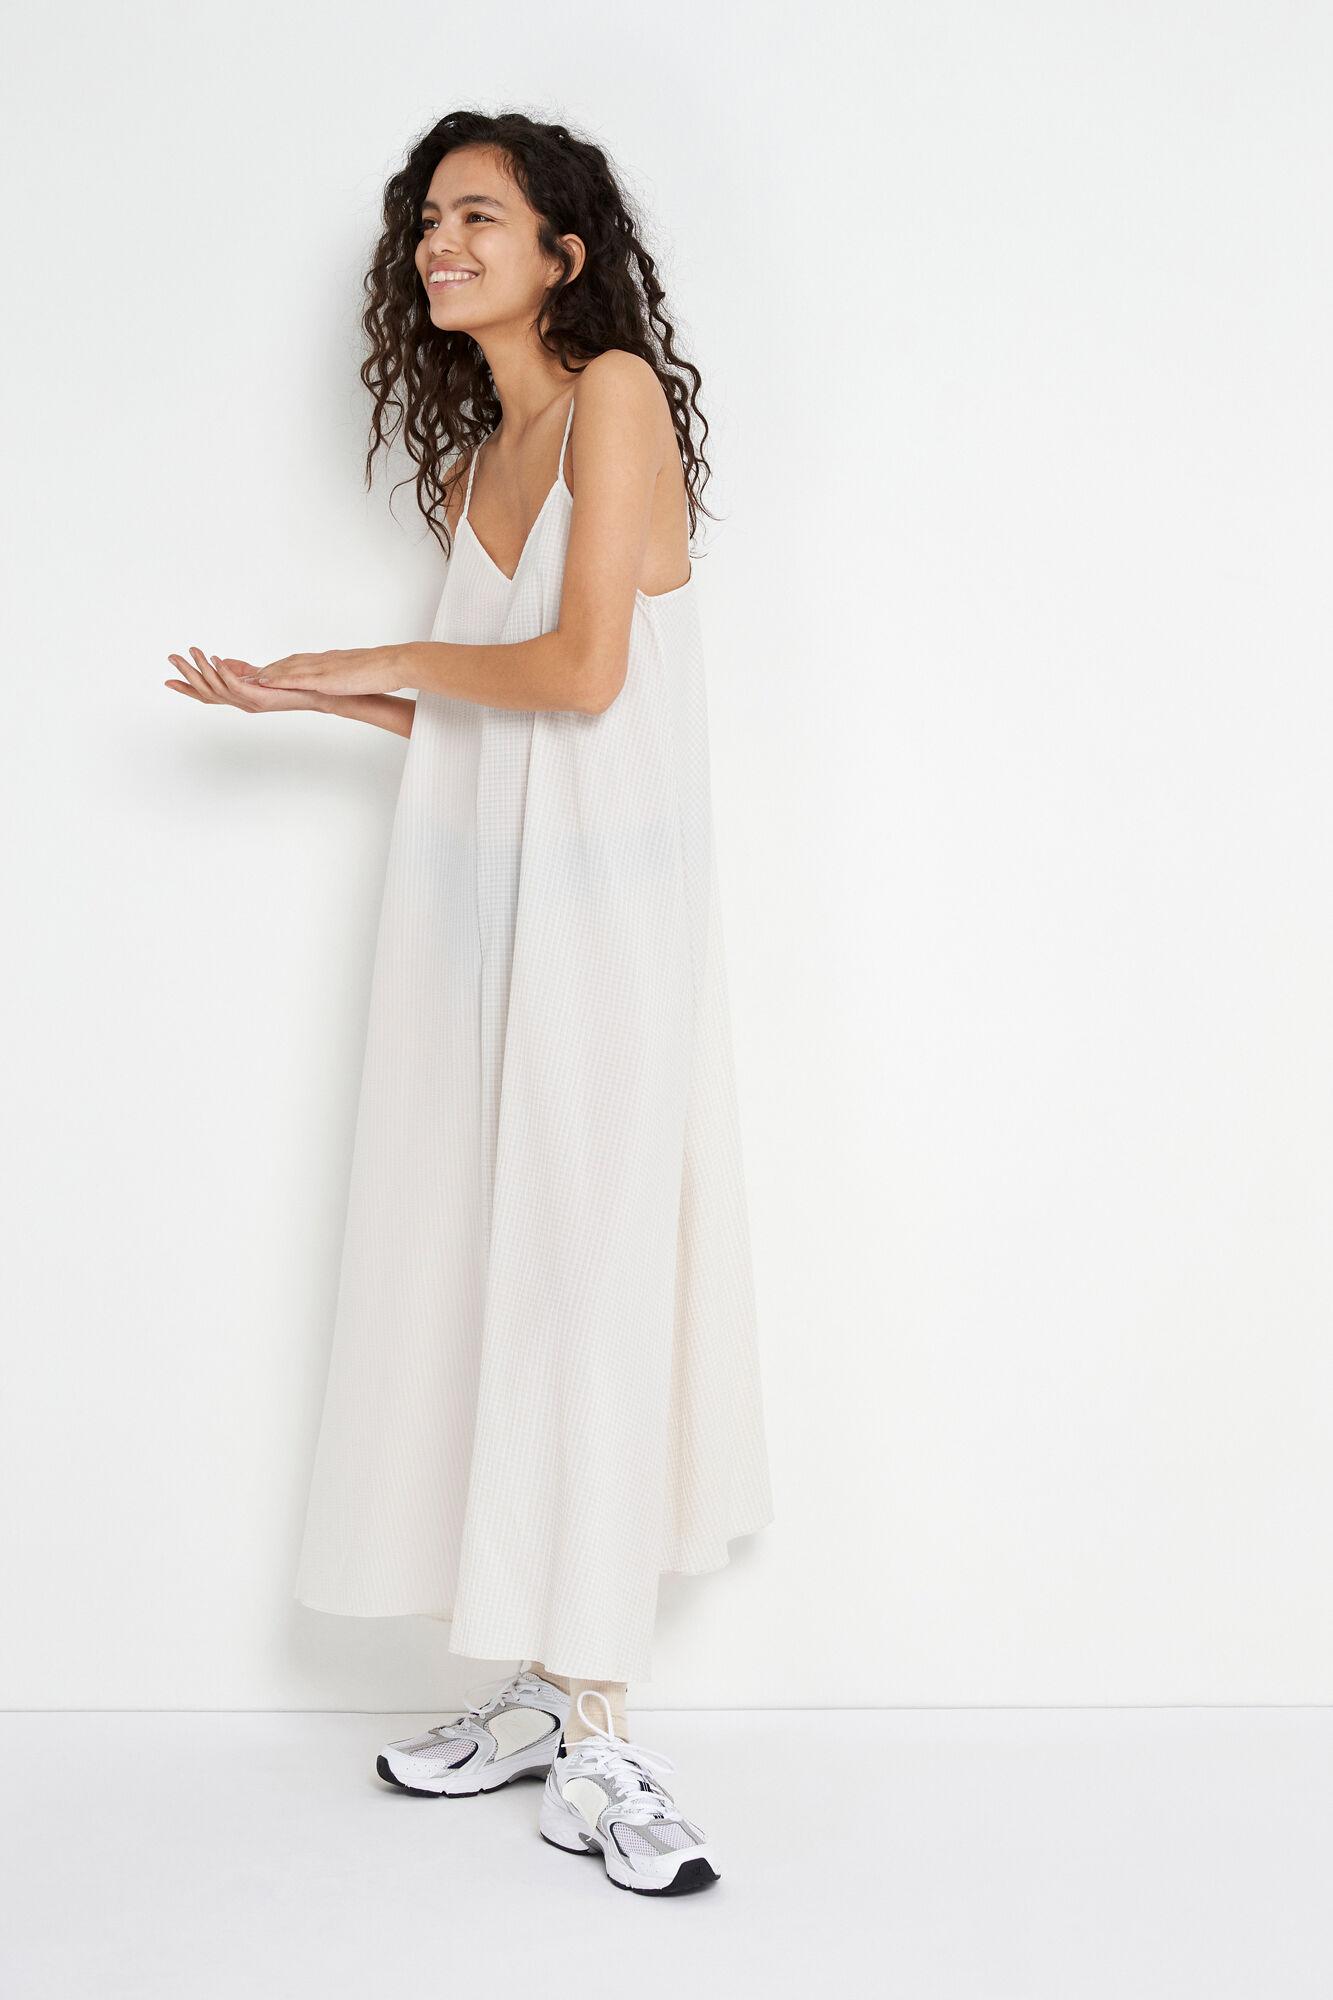 ENSYLPHIDE SL DRESS 6739